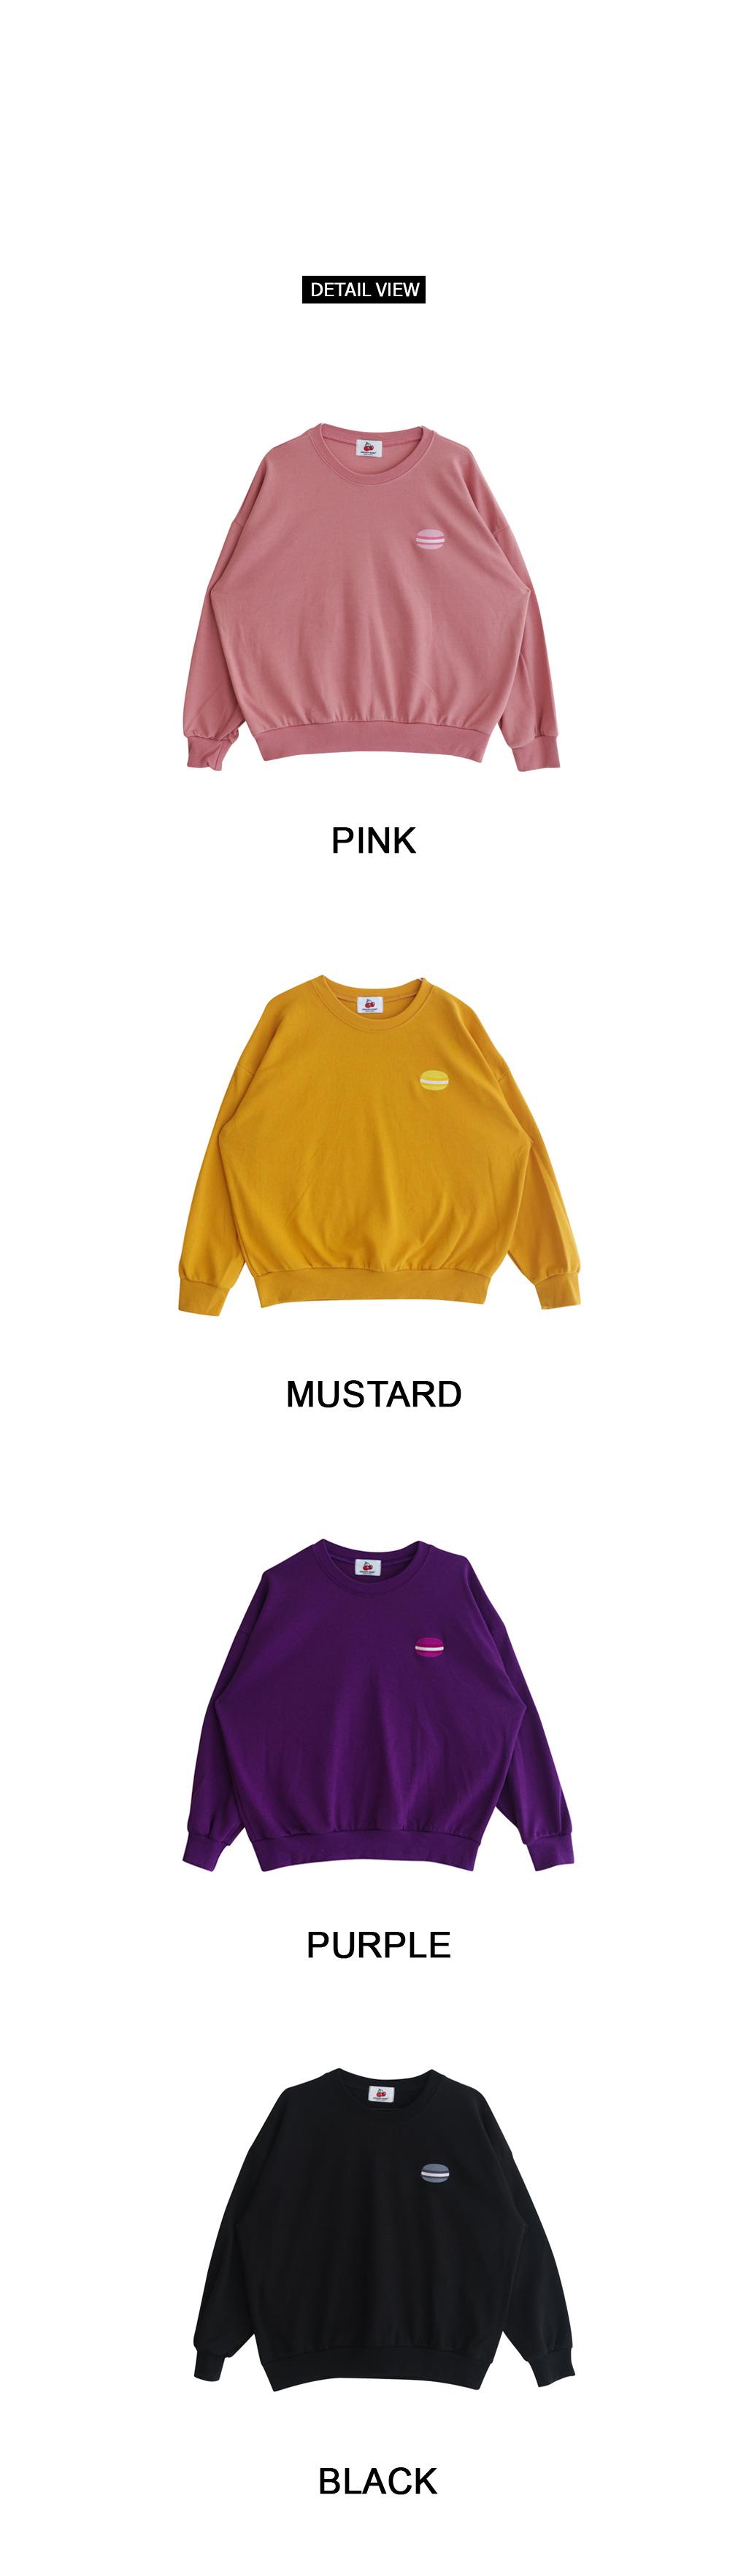 Macaroons Men's T-shirt